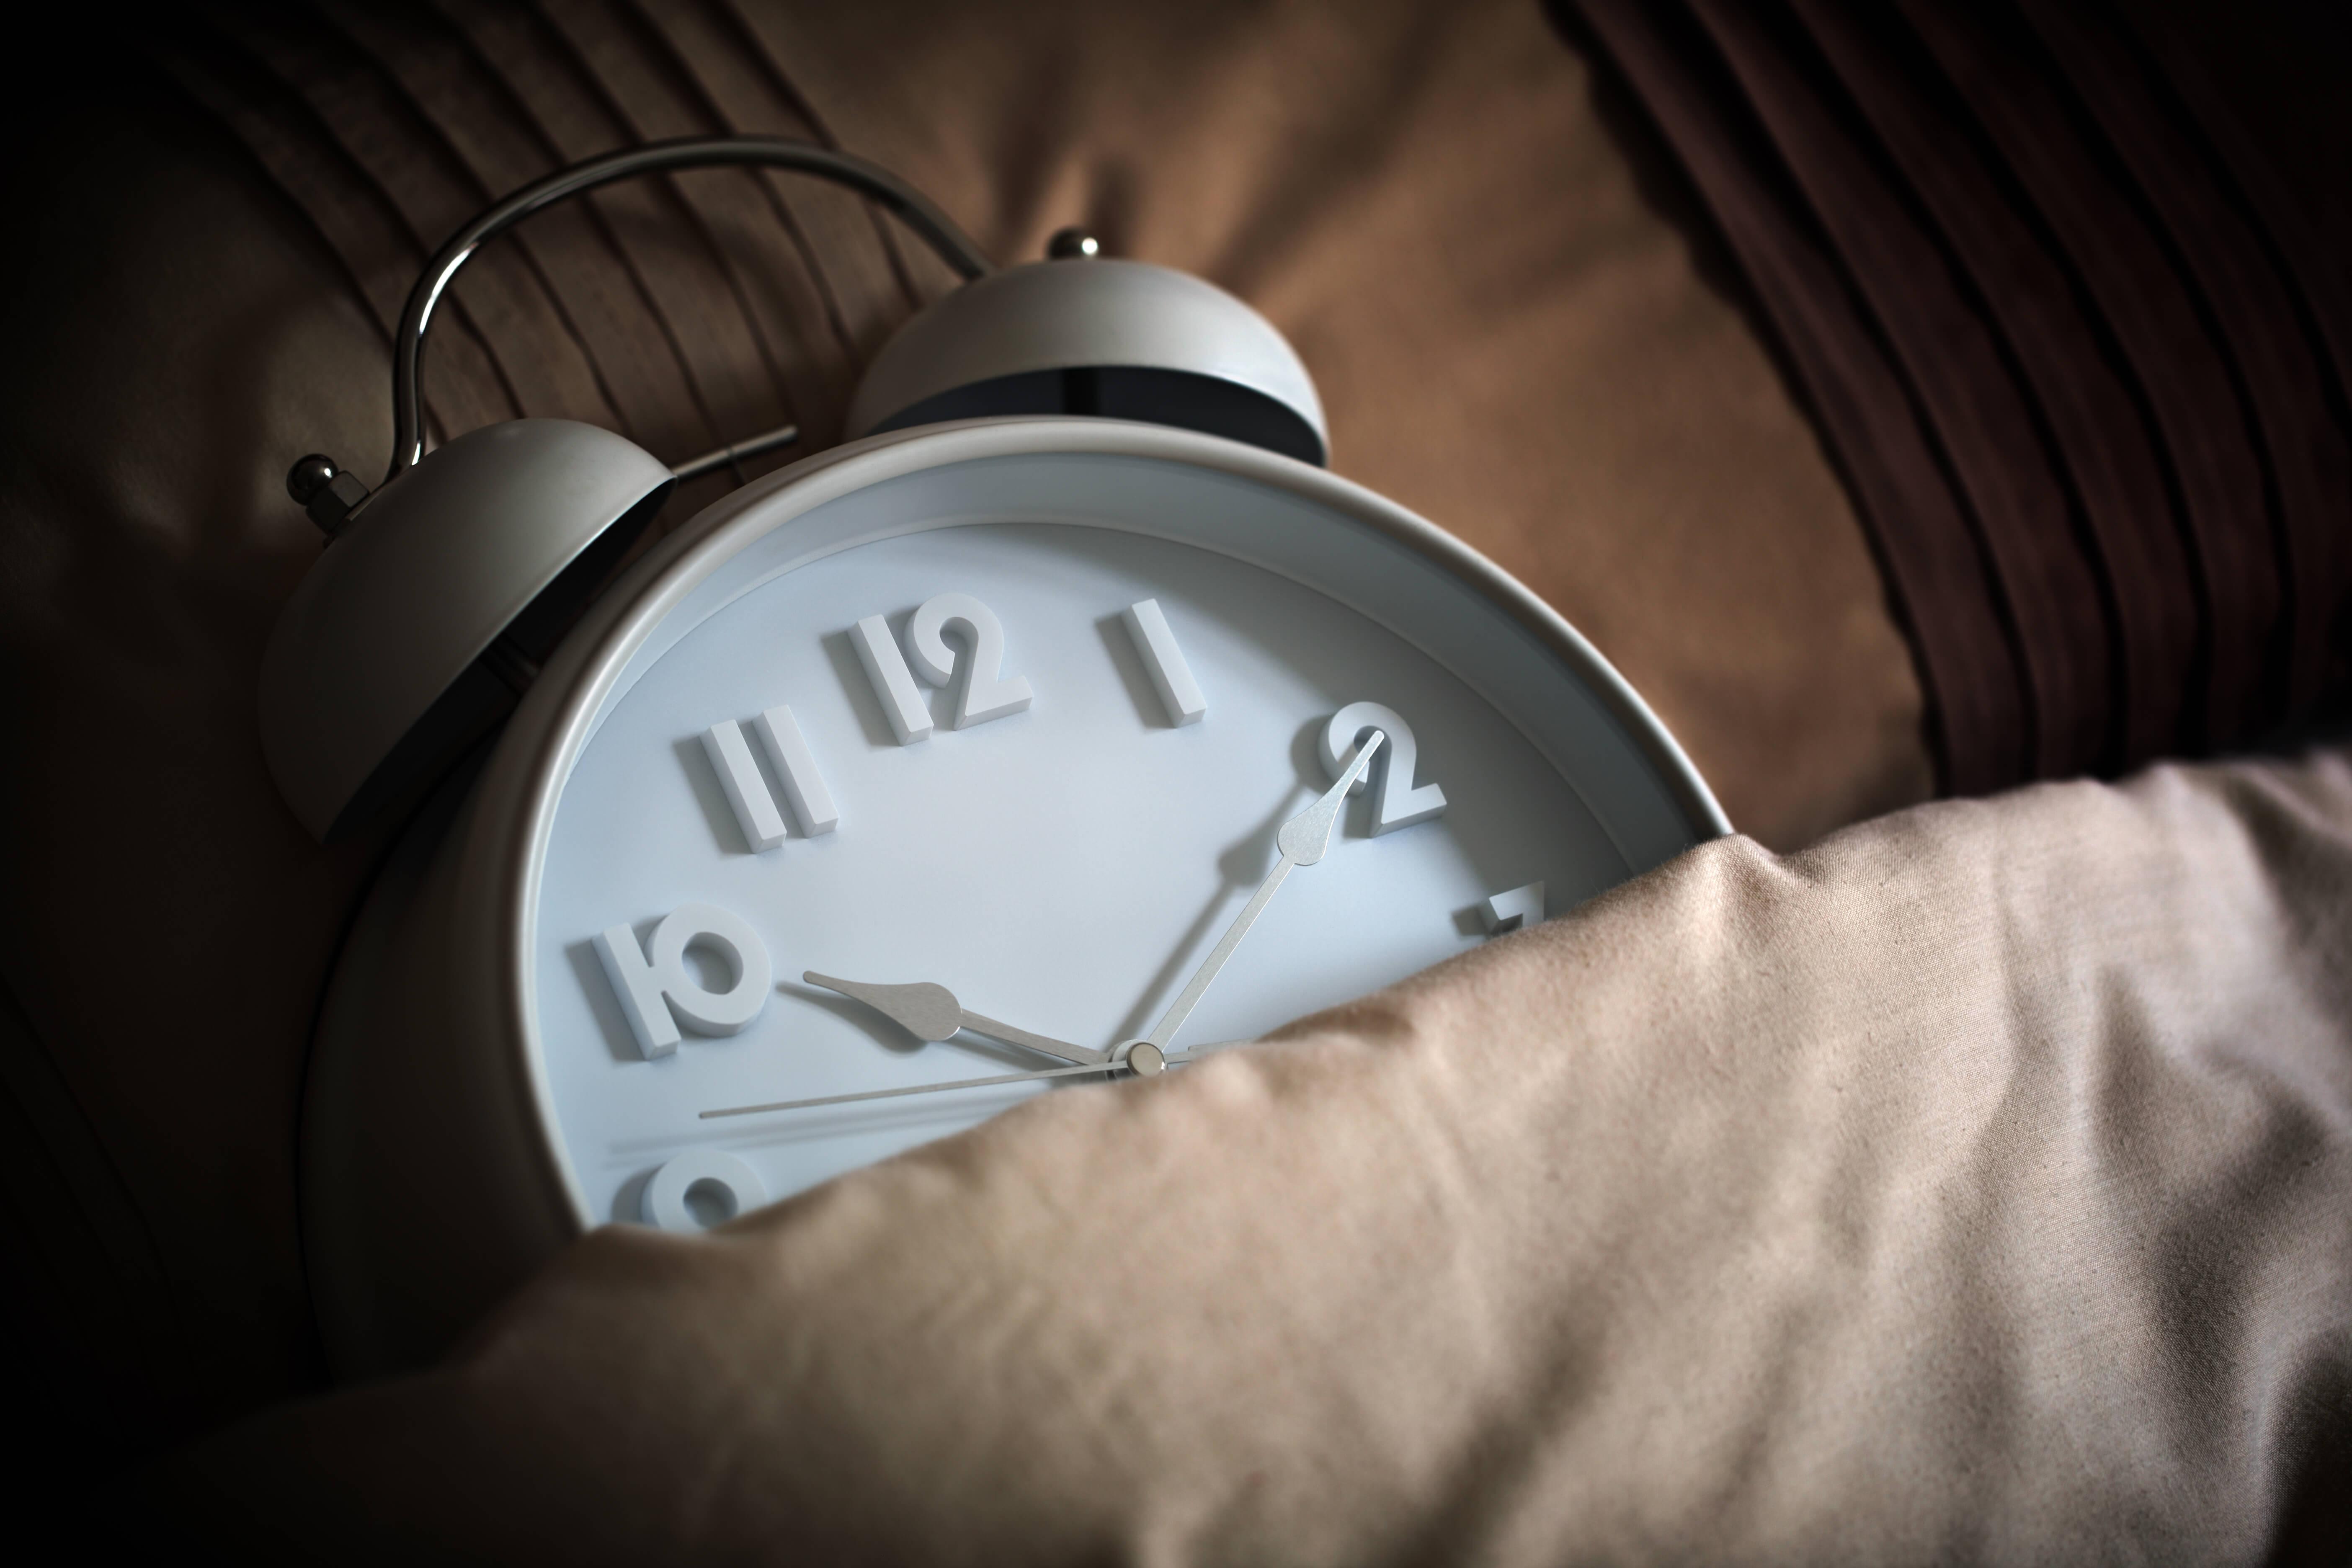 布団の中に目覚まし時計